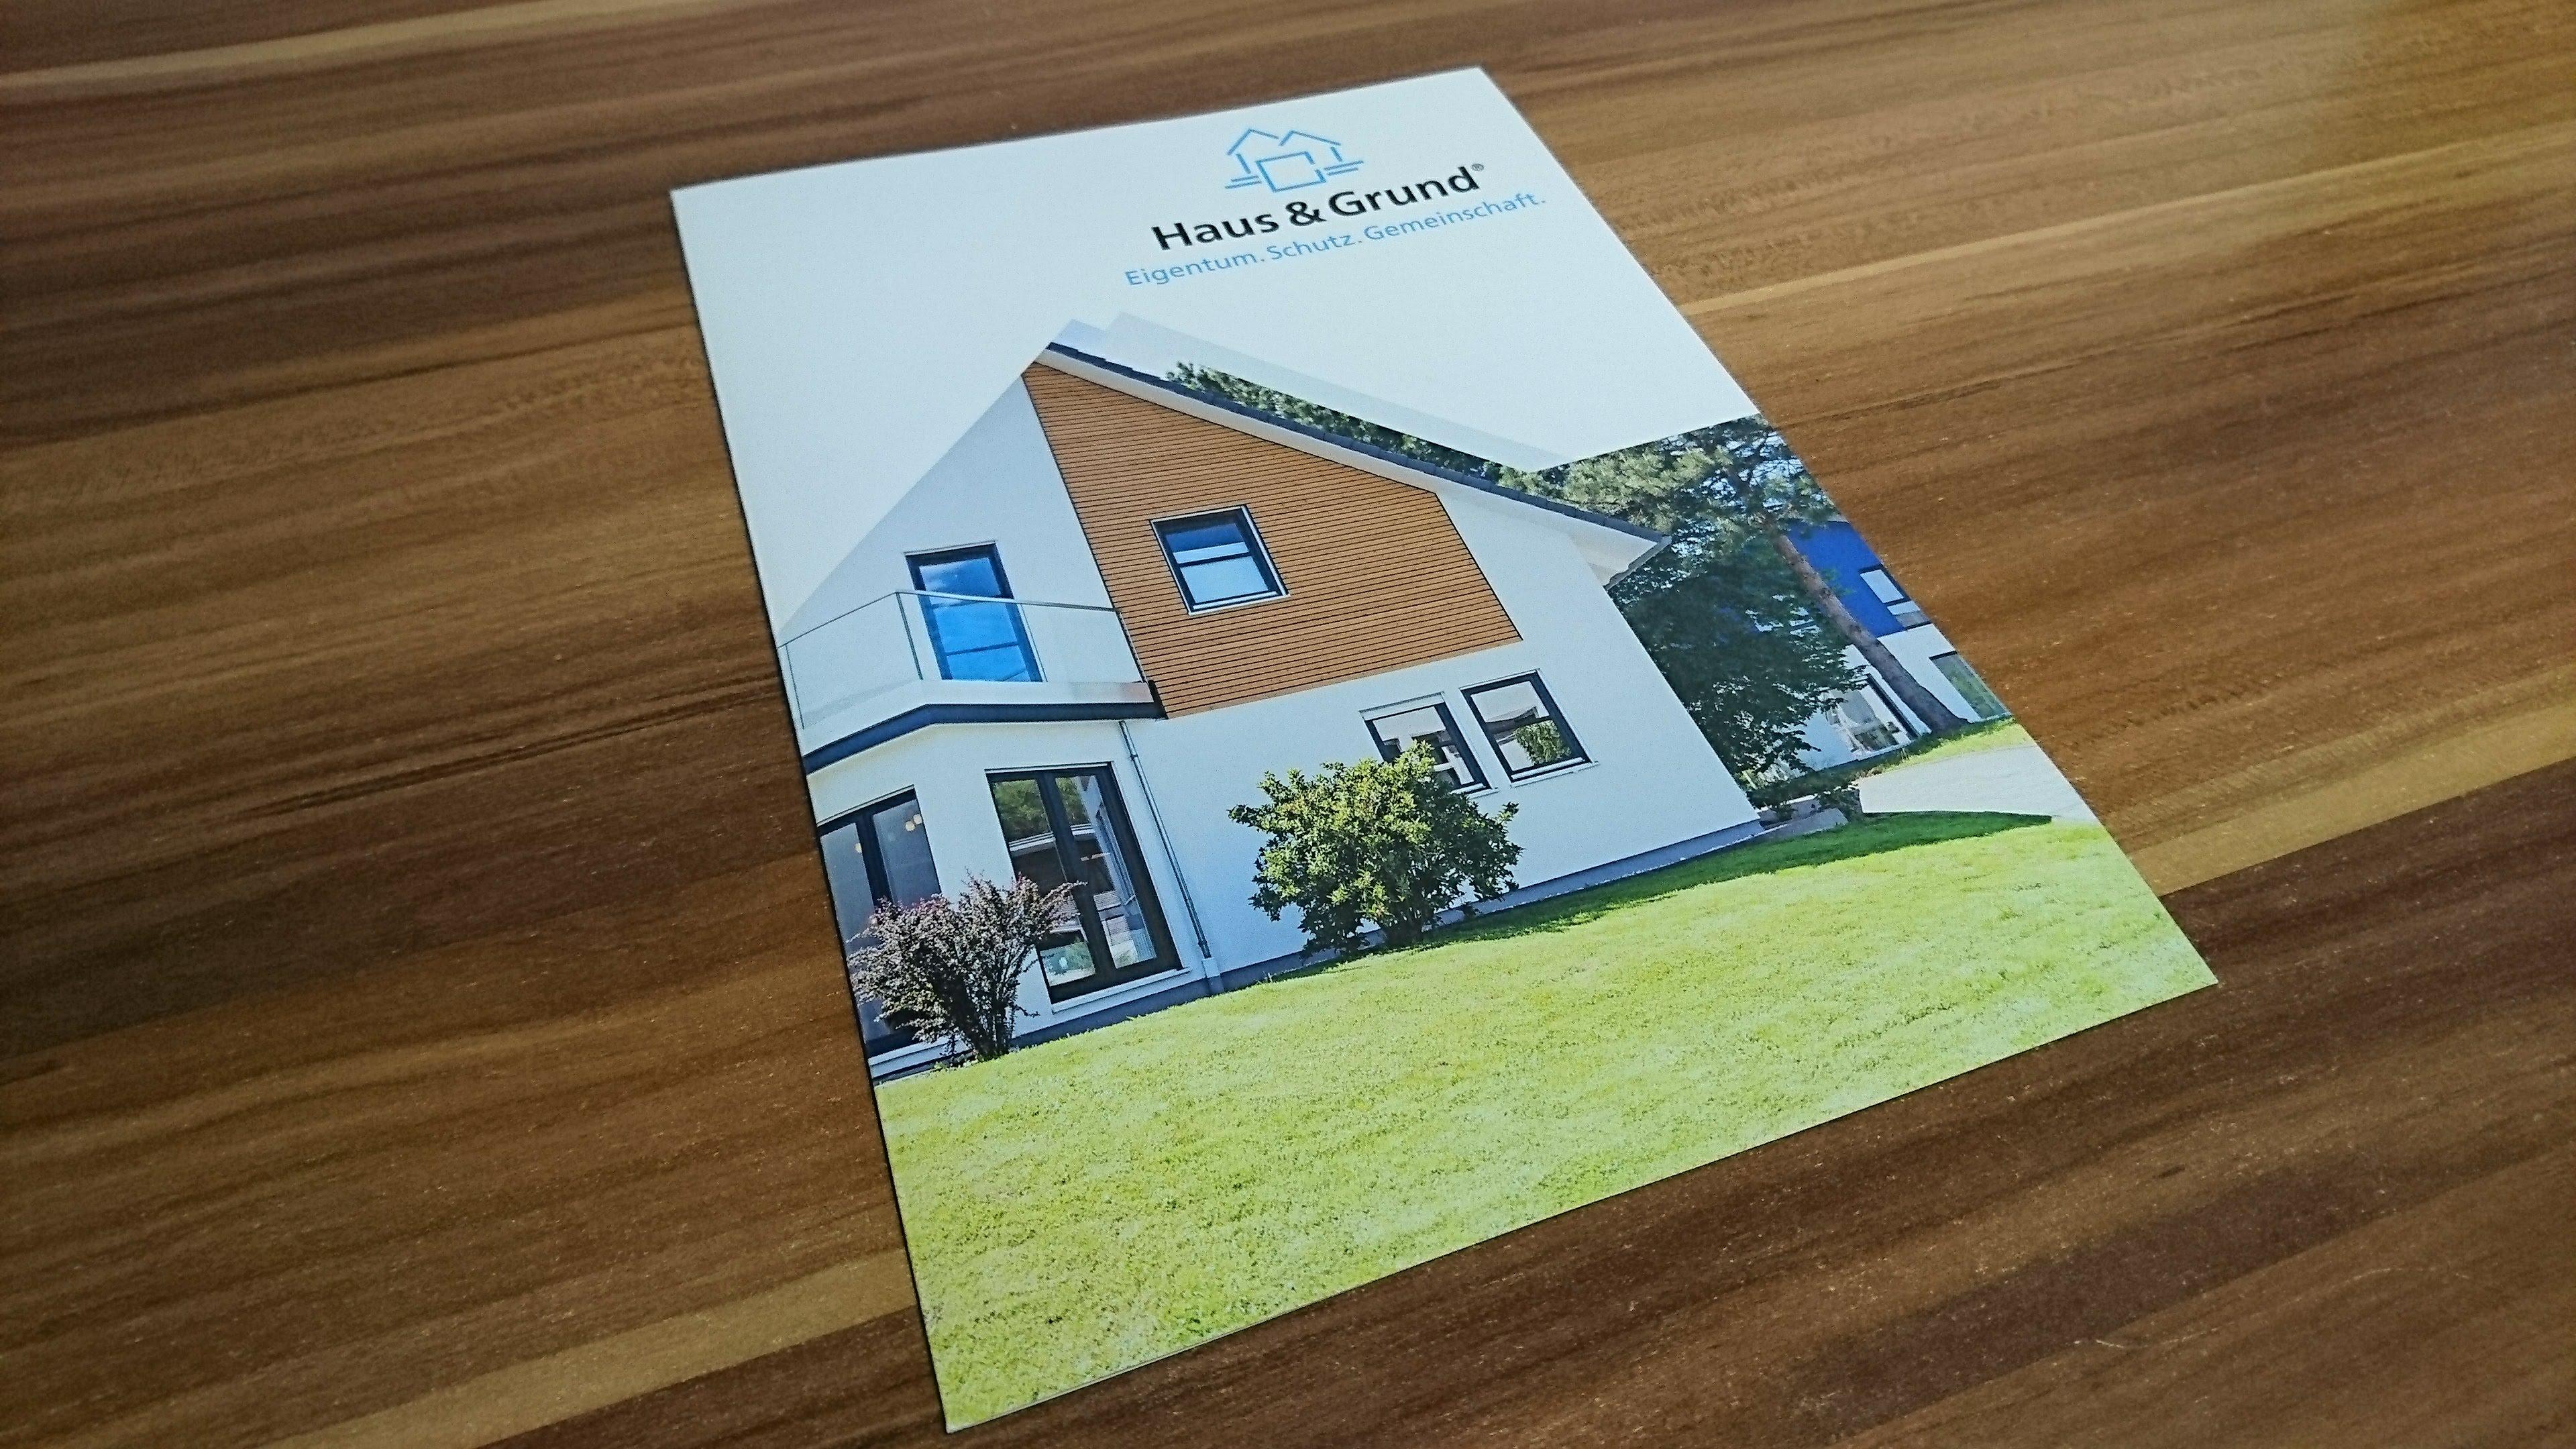 Finanz Kompass GmbH - Design Folder, Unternehmensbroschüre, Gestaltung